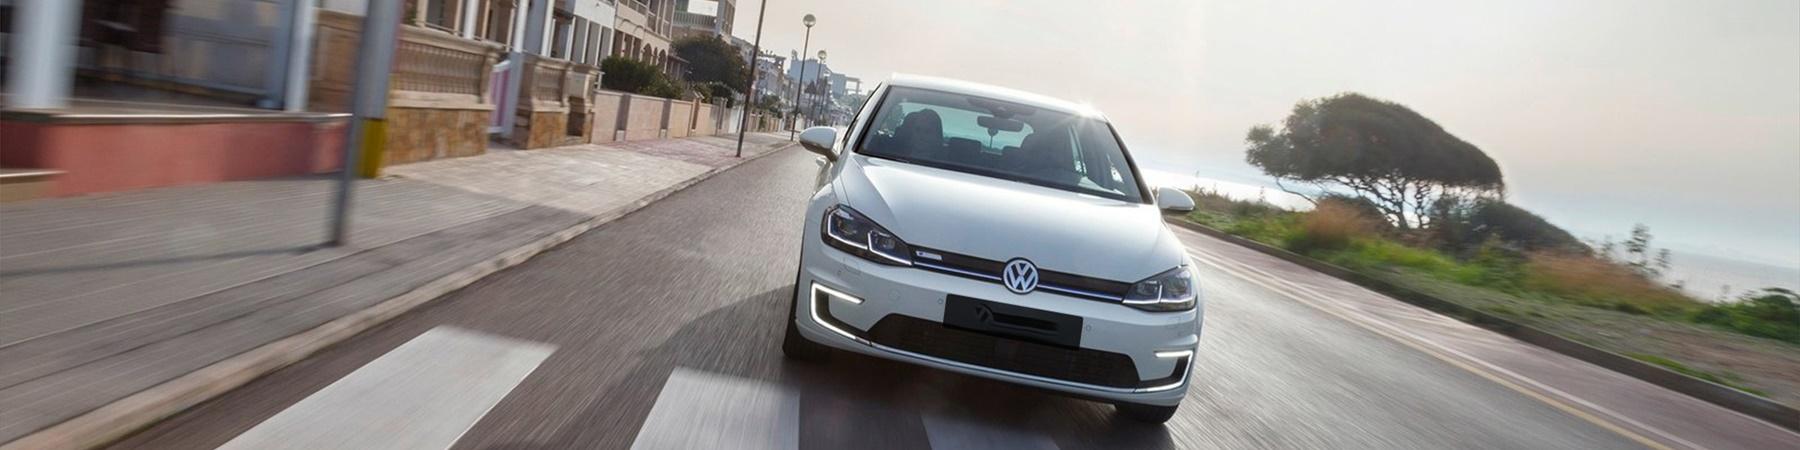 Volkswagen Golf* 35.8kWh 196 km actieradius